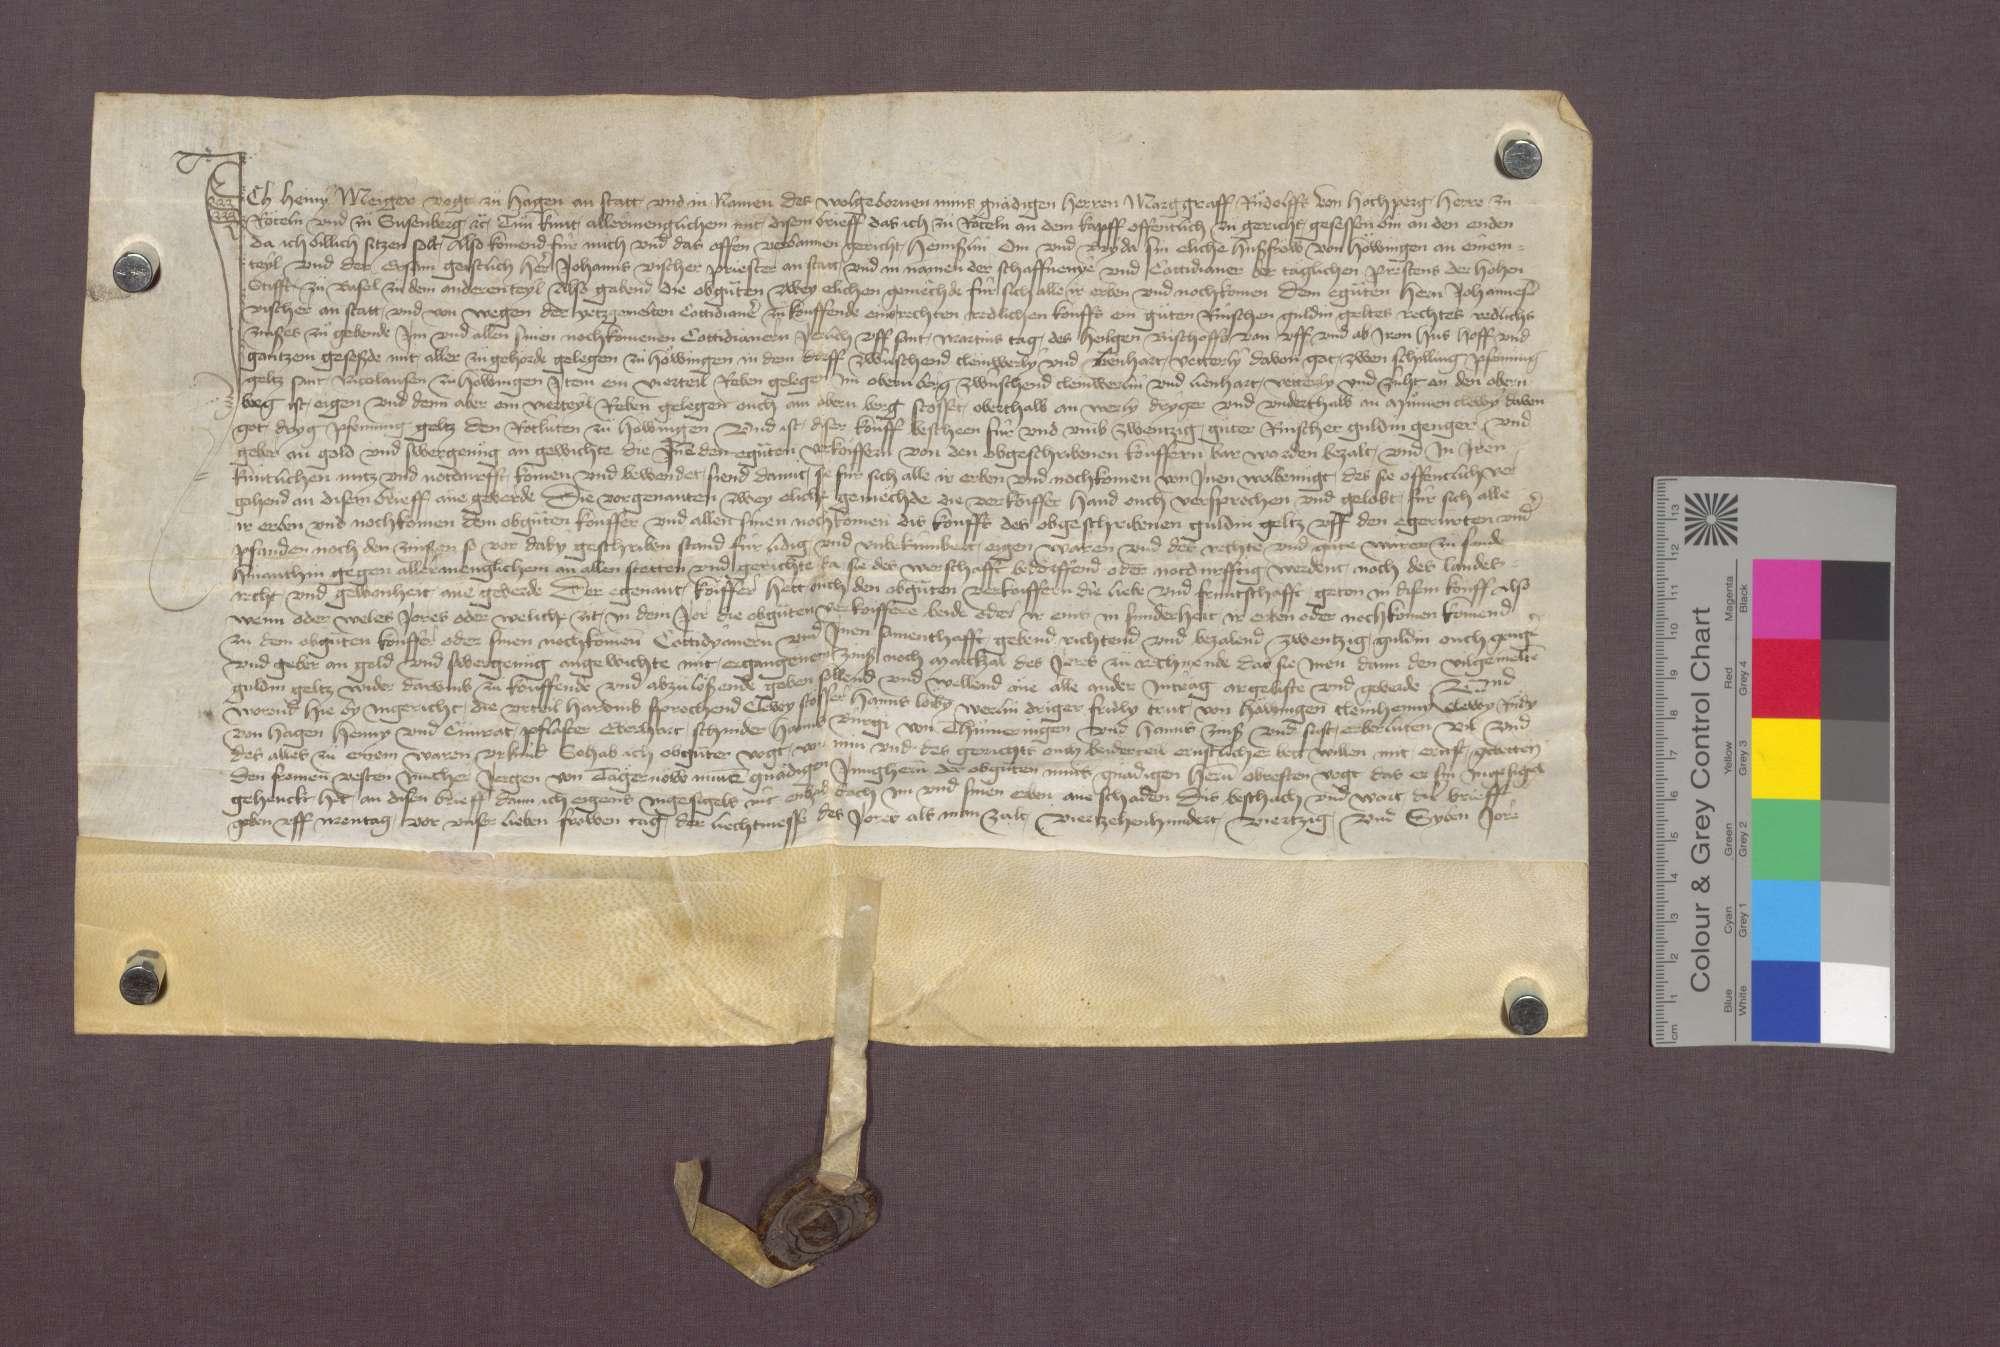 Gültverschreibung des Henslin Om von Hauingen und seiner Frau gegenüber dem Domkapitel zu Basel., Bild 1